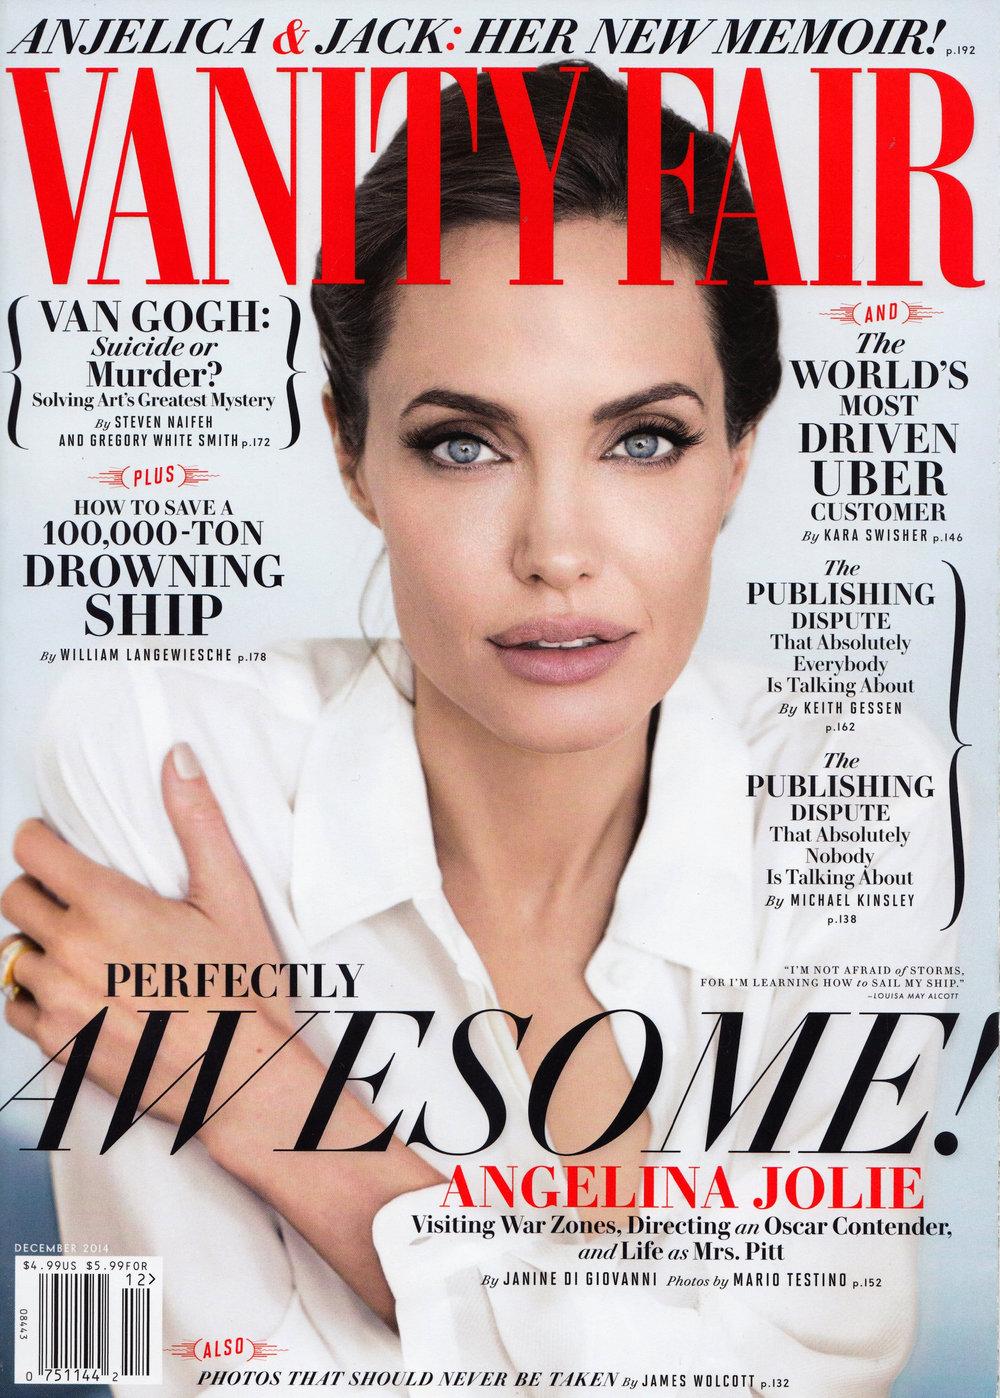 VanityFair_1214_cover.jpg